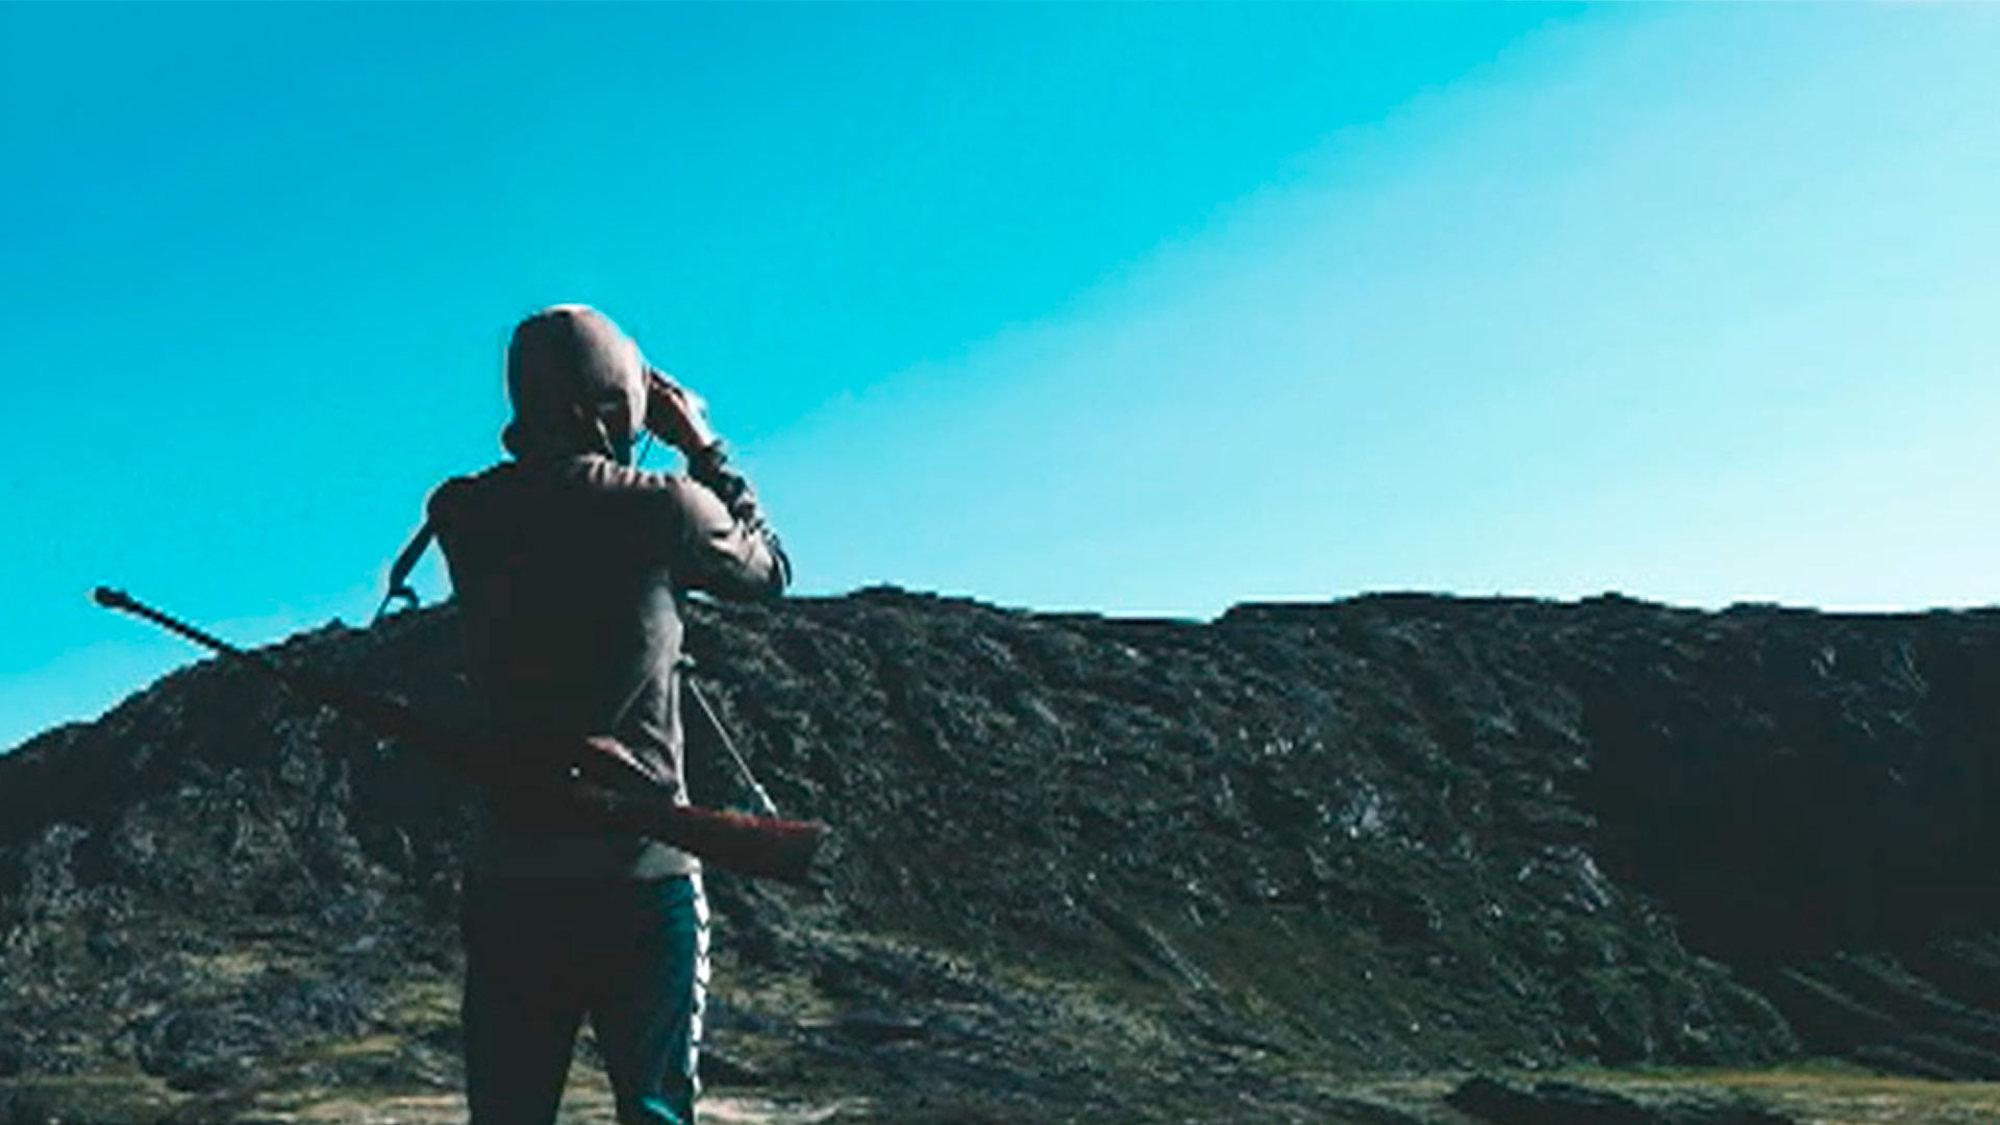 Groenlandia es una inmensa isla cuyo centro está ocupado por un inmenso bloque de hielo. Un infierno blanco en el que nadie habita. Solo en la costa, aunque con serias dificultades y restricciones, resulta posible la vida. Allí, en sus laberínticos fiordos, se concentra la fauna y la flora, y también es dónde se asienta, desde hace miles de años, el ser humano: los Inuit y sus antepasados. Un documental dirigido por Santiago Domínguez.